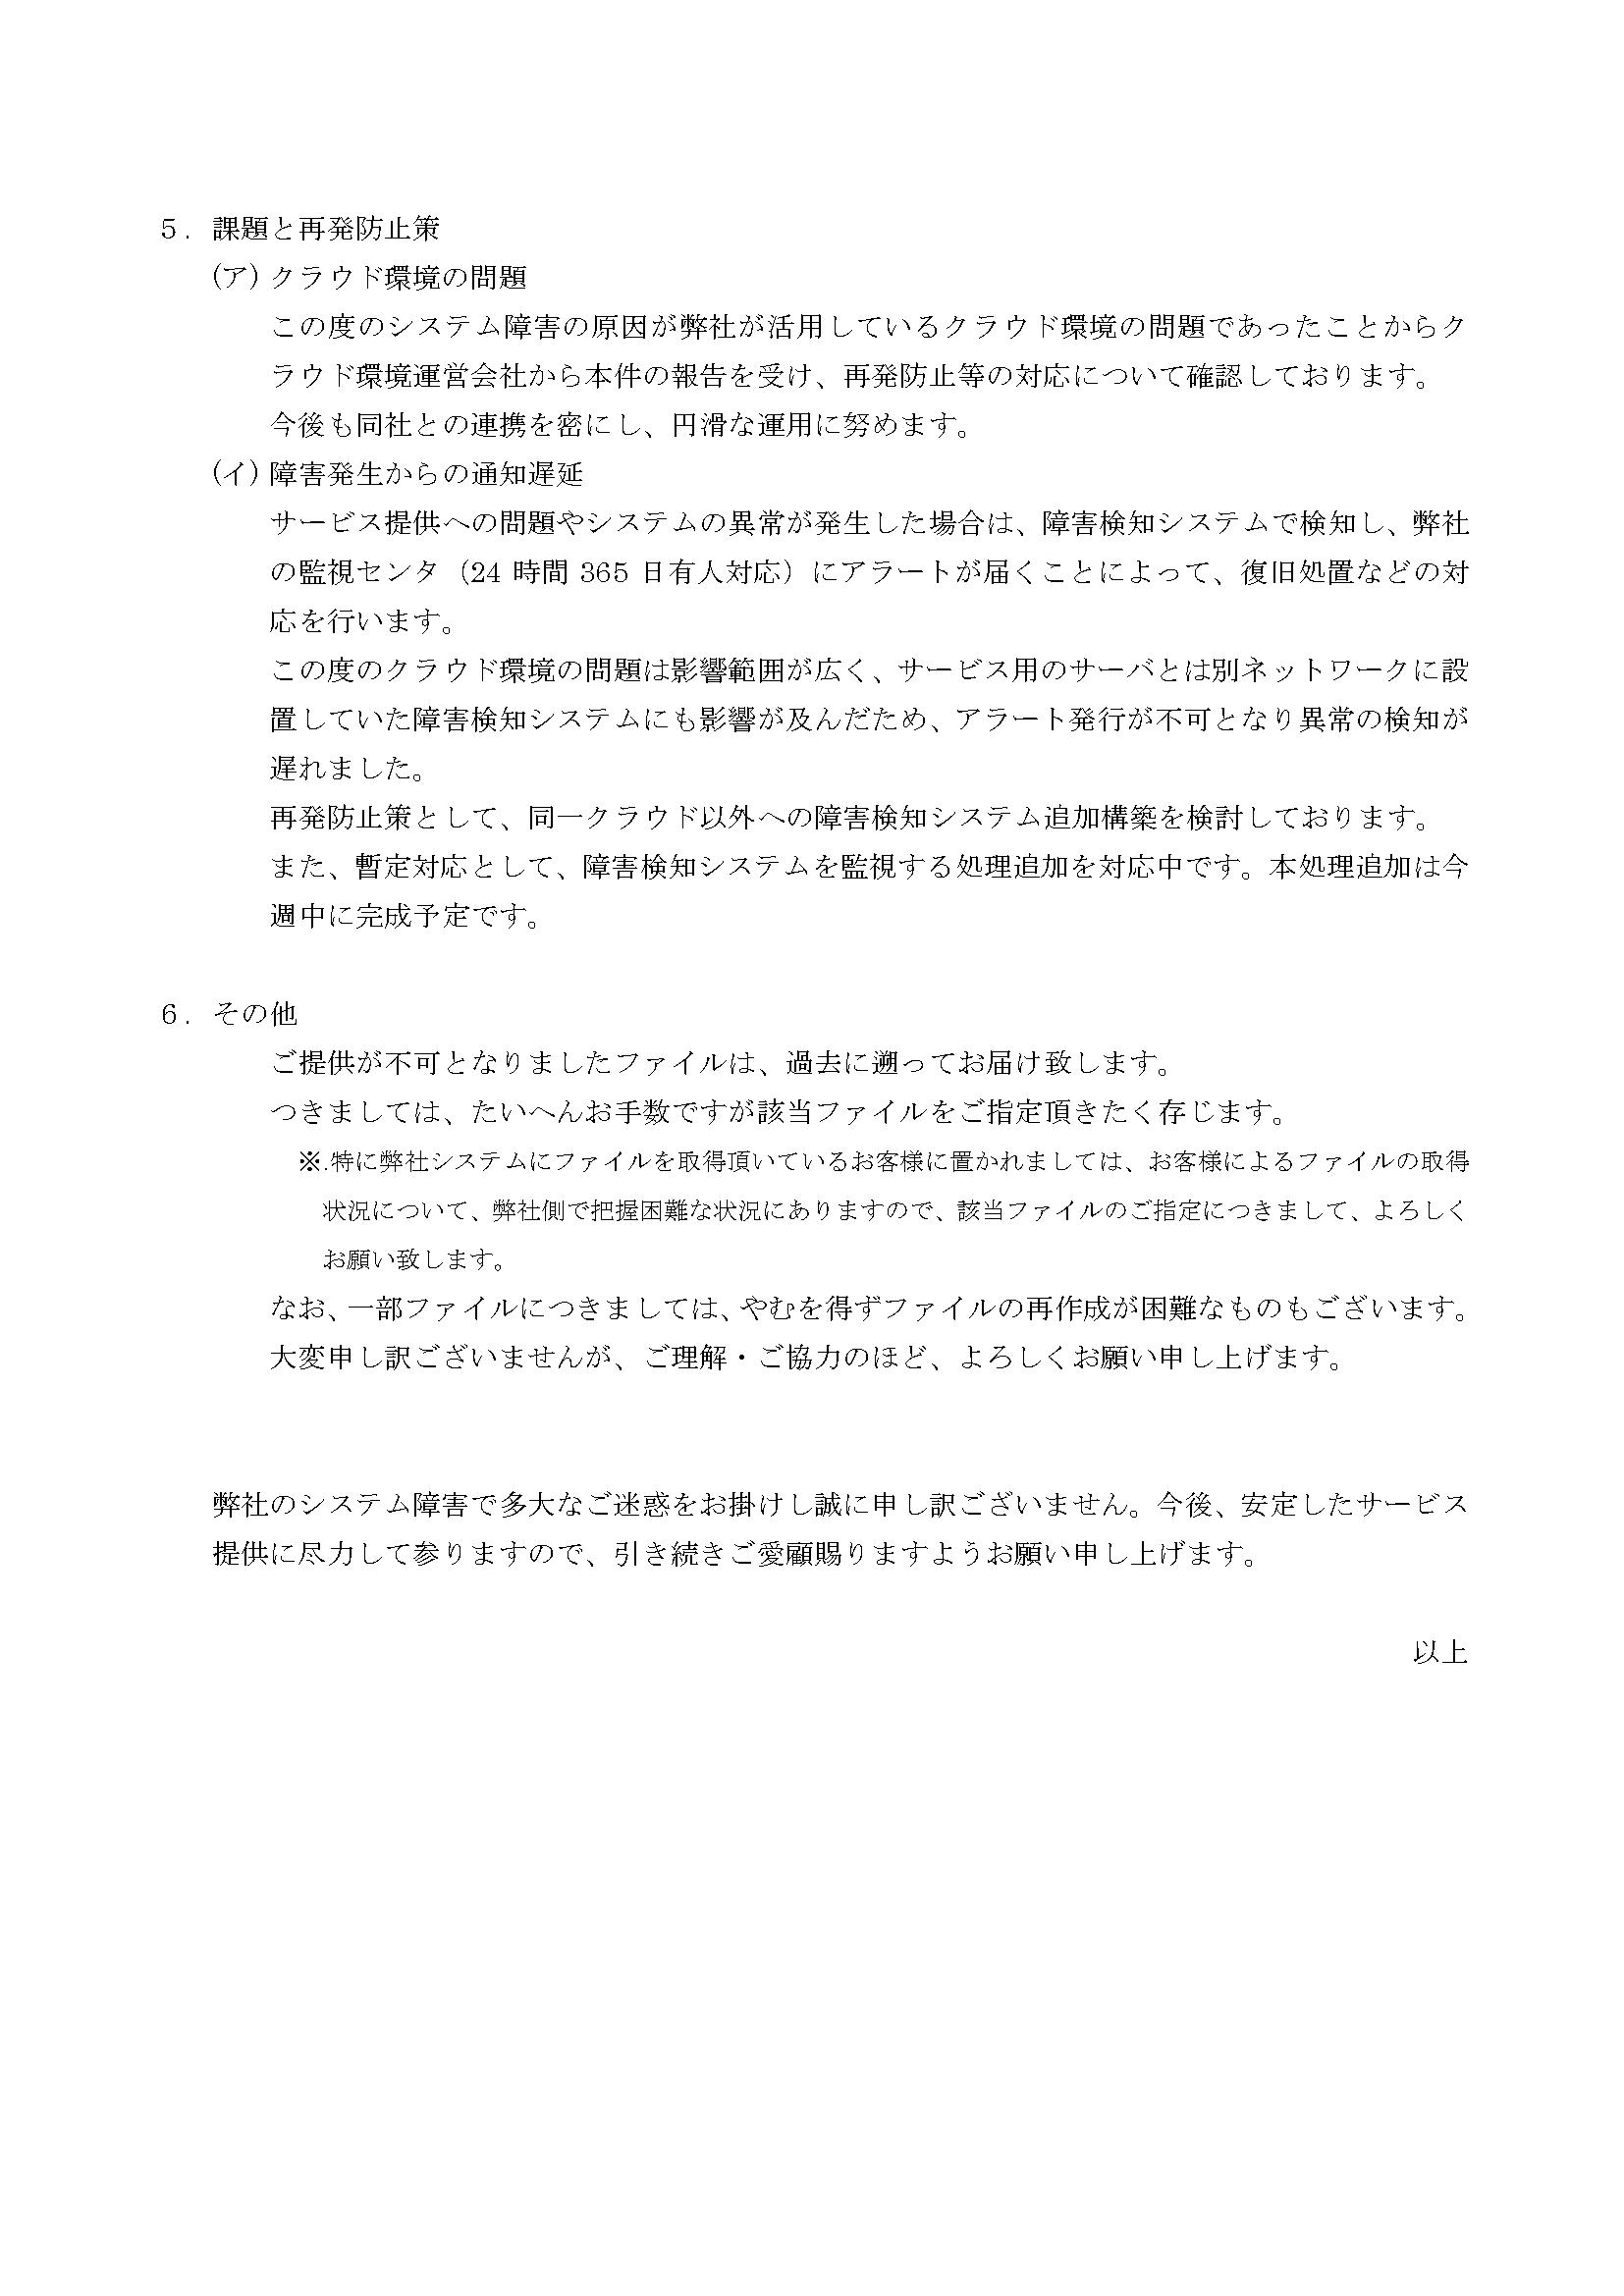 ネットワーク障害報告書